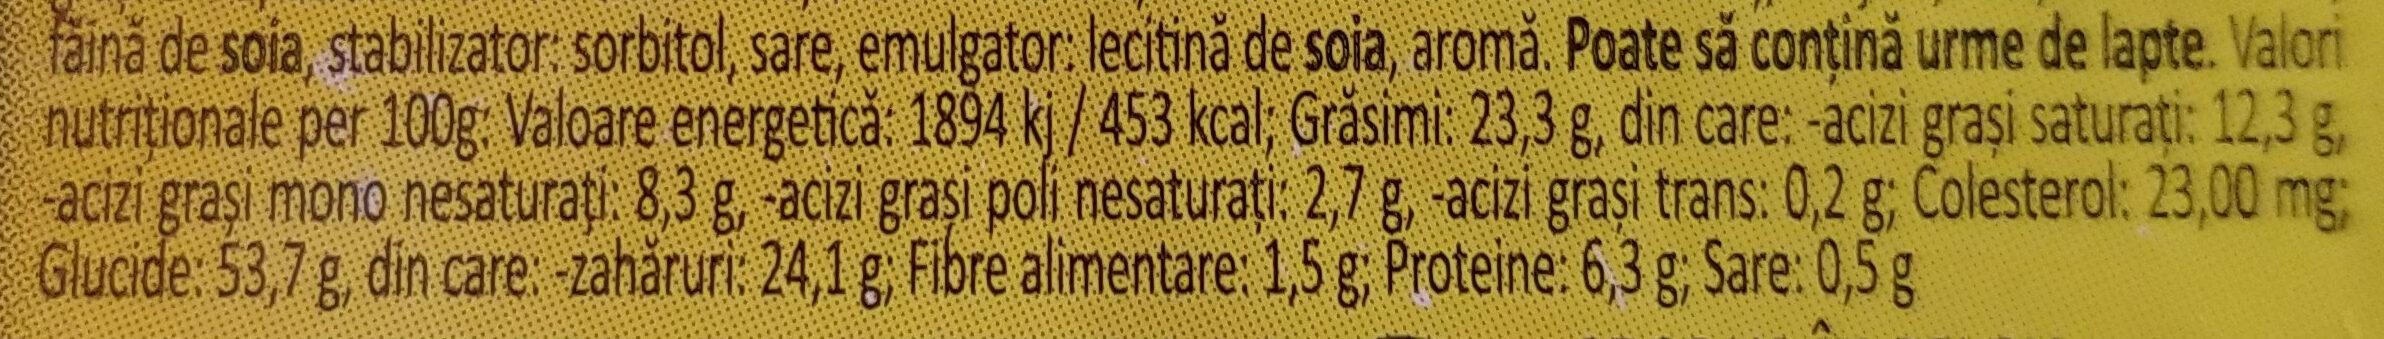 Gaufre de Liège cu zahăr perlat - Nutrition facts